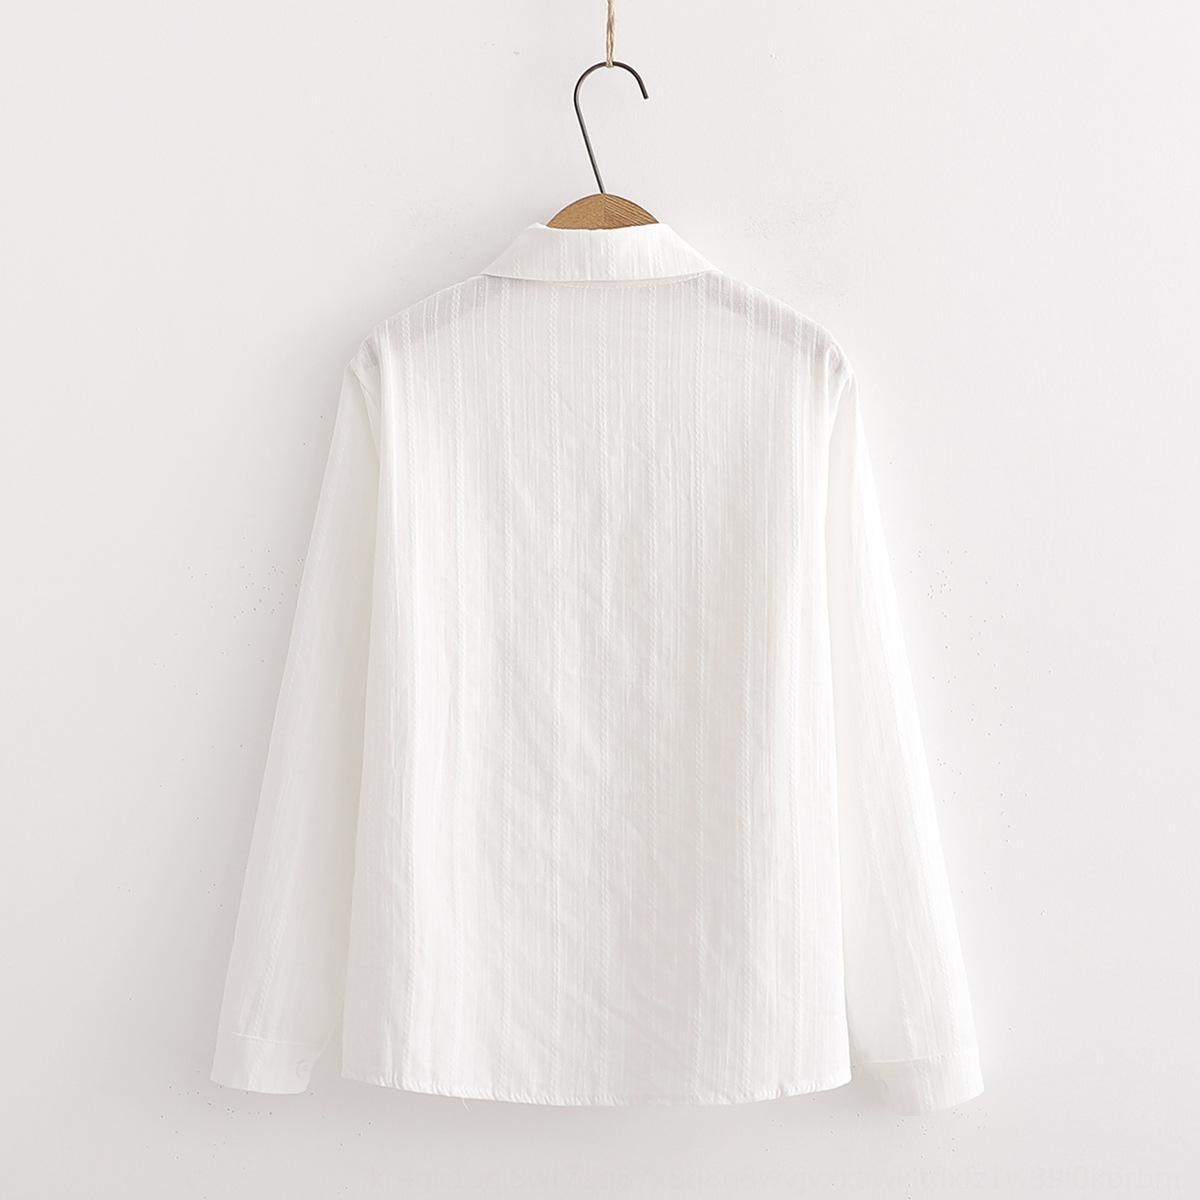 Хлопок и лен 2019 белого белого Top рубашка нового женских осеннего двойного дизайн кармана чувство сверху рыхлого похудения с длинным рукавом лацкан рубашка bFtpv